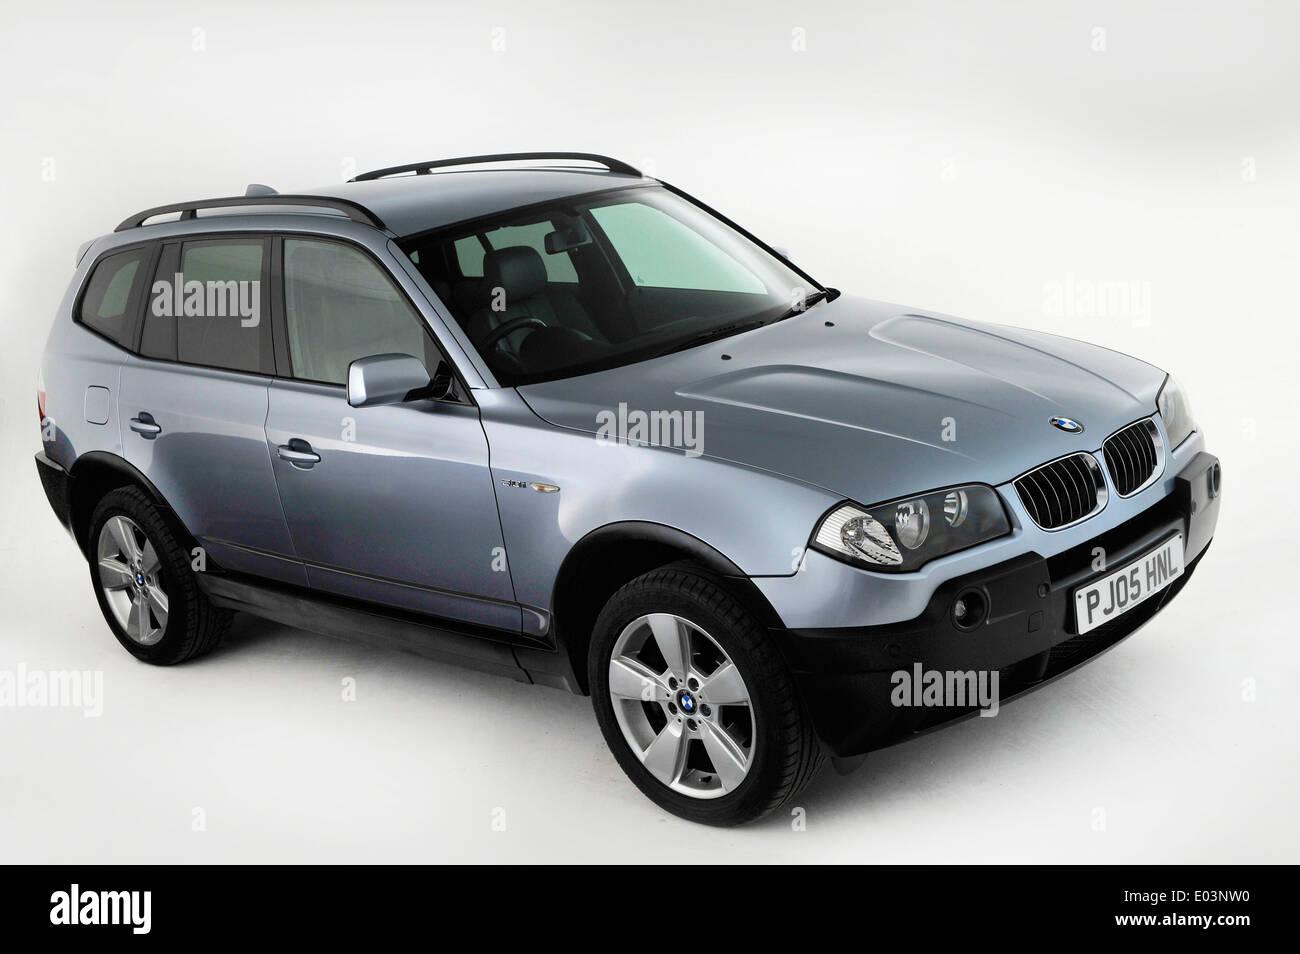 2005 Bmw X3 Stockfotografie Alamy